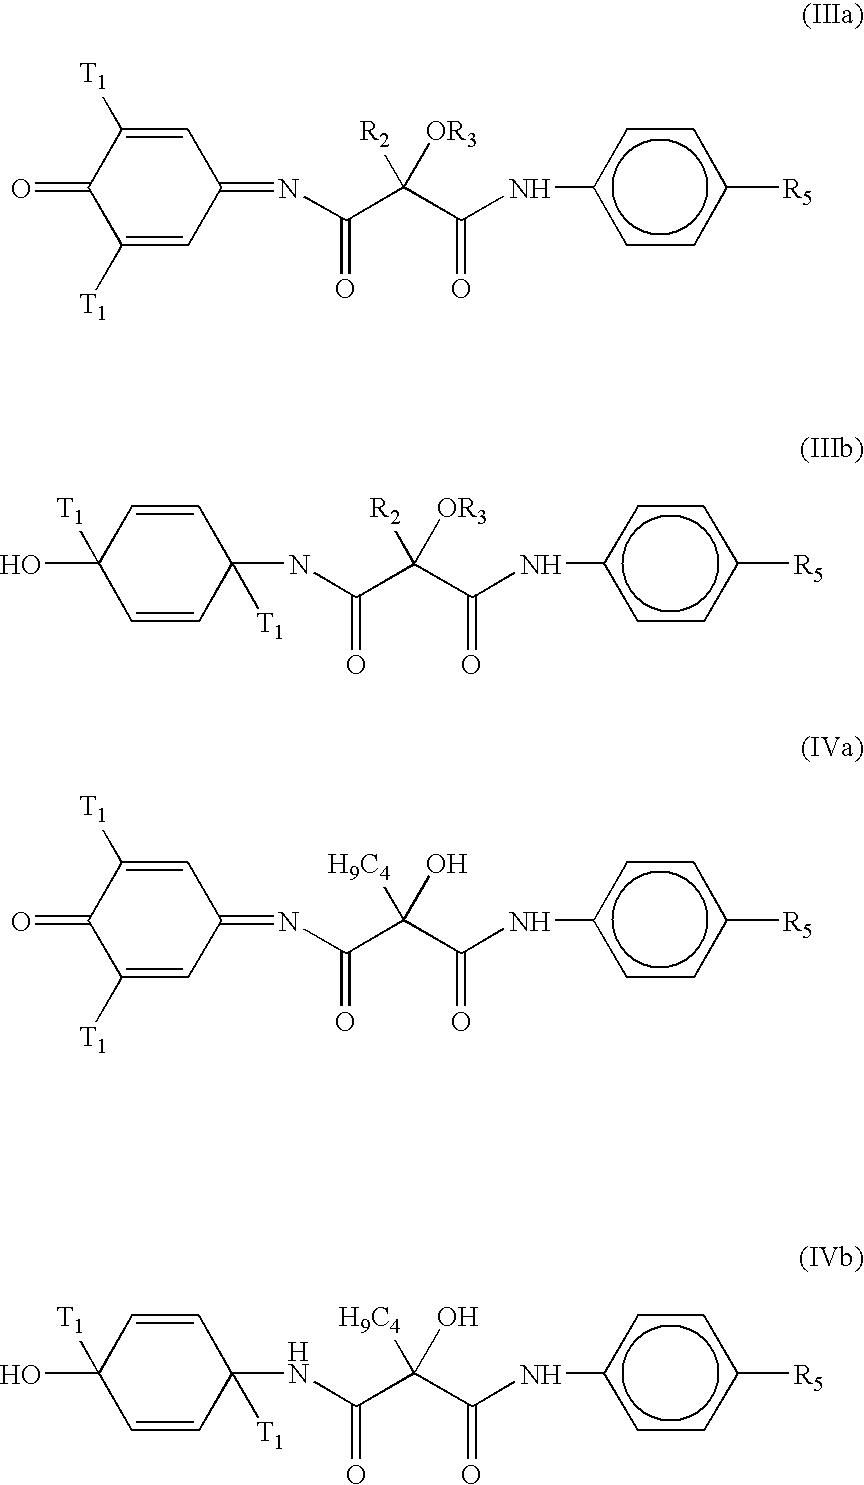 Figure US07663000-20100216-C00014